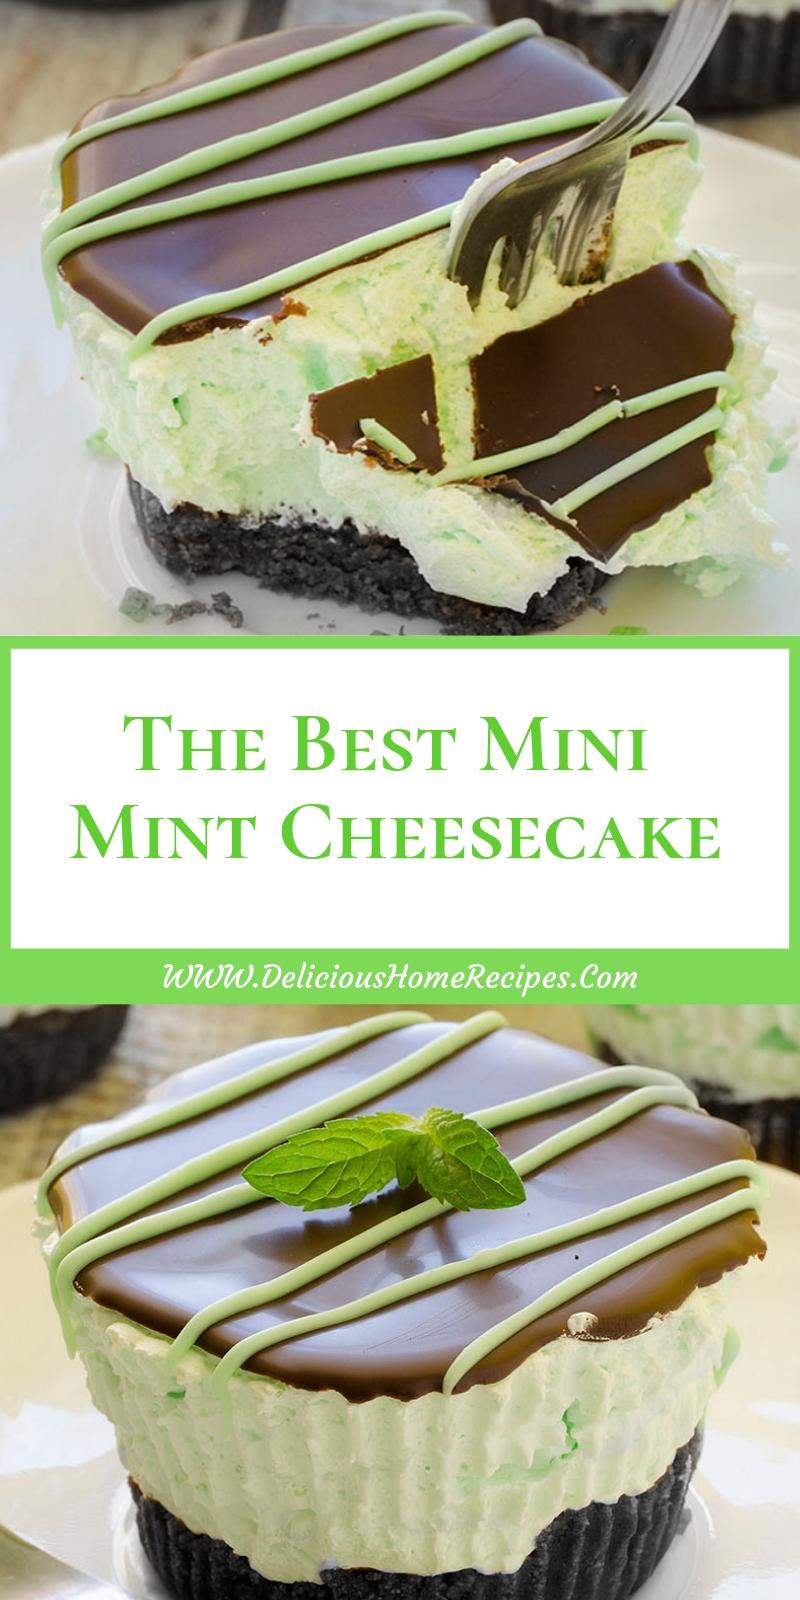 The Best Mini Mint Cheesecake